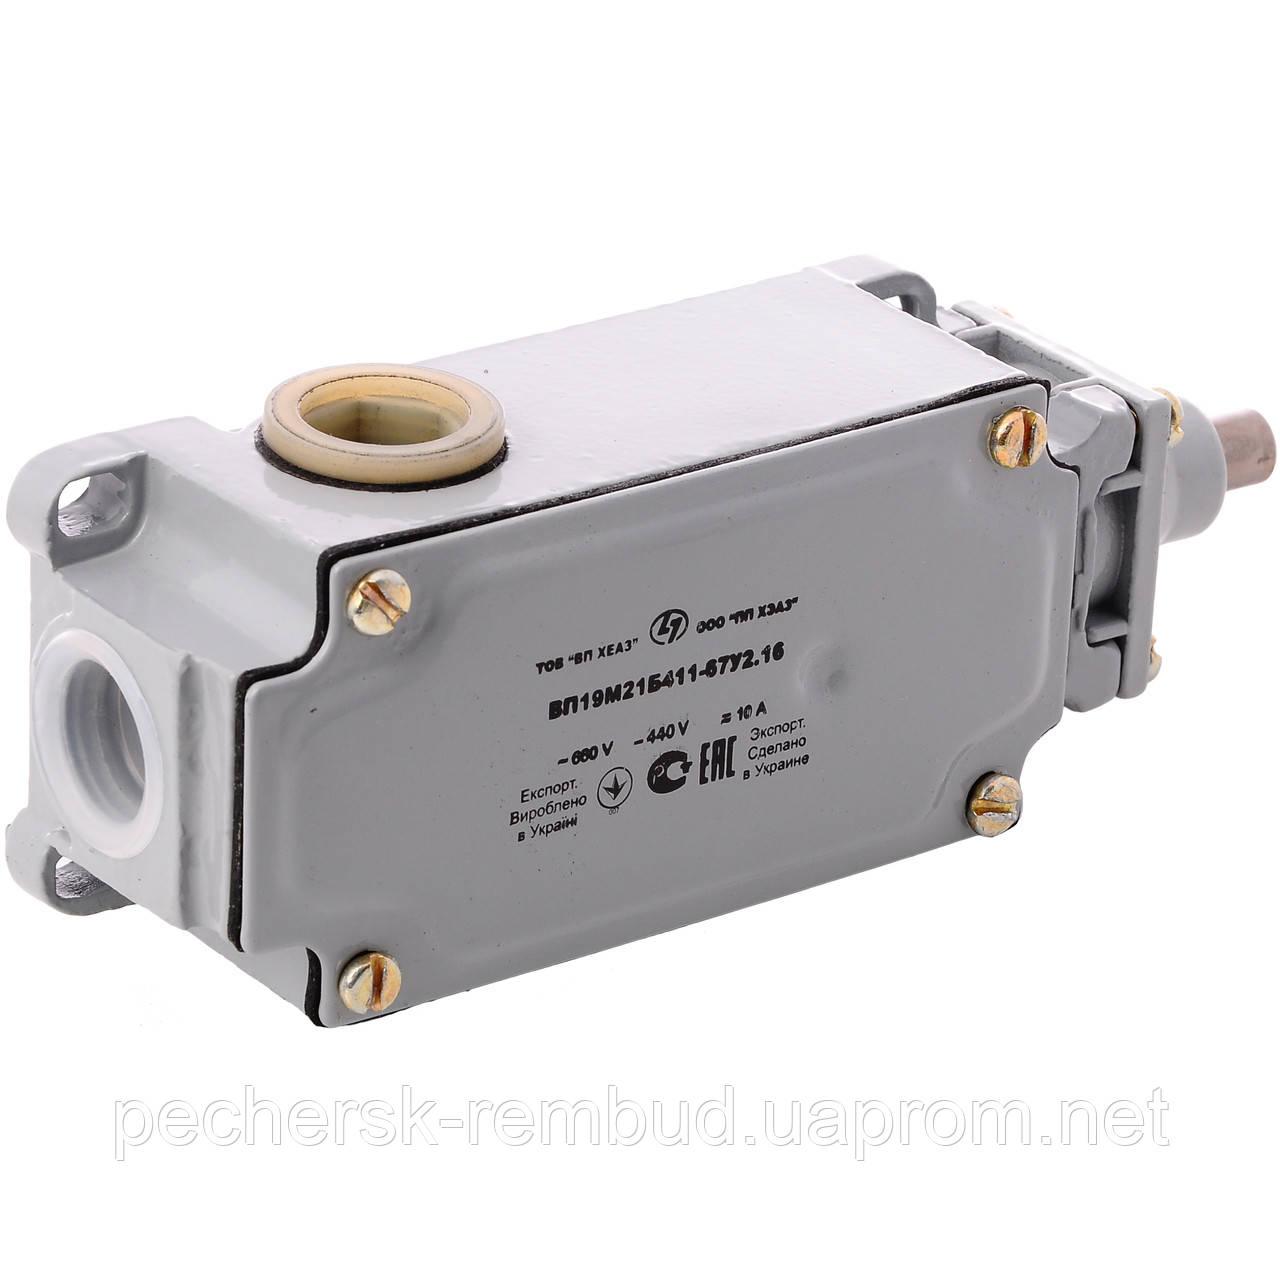 Выключатель путевой ВП 19М21Б411-67У2.16